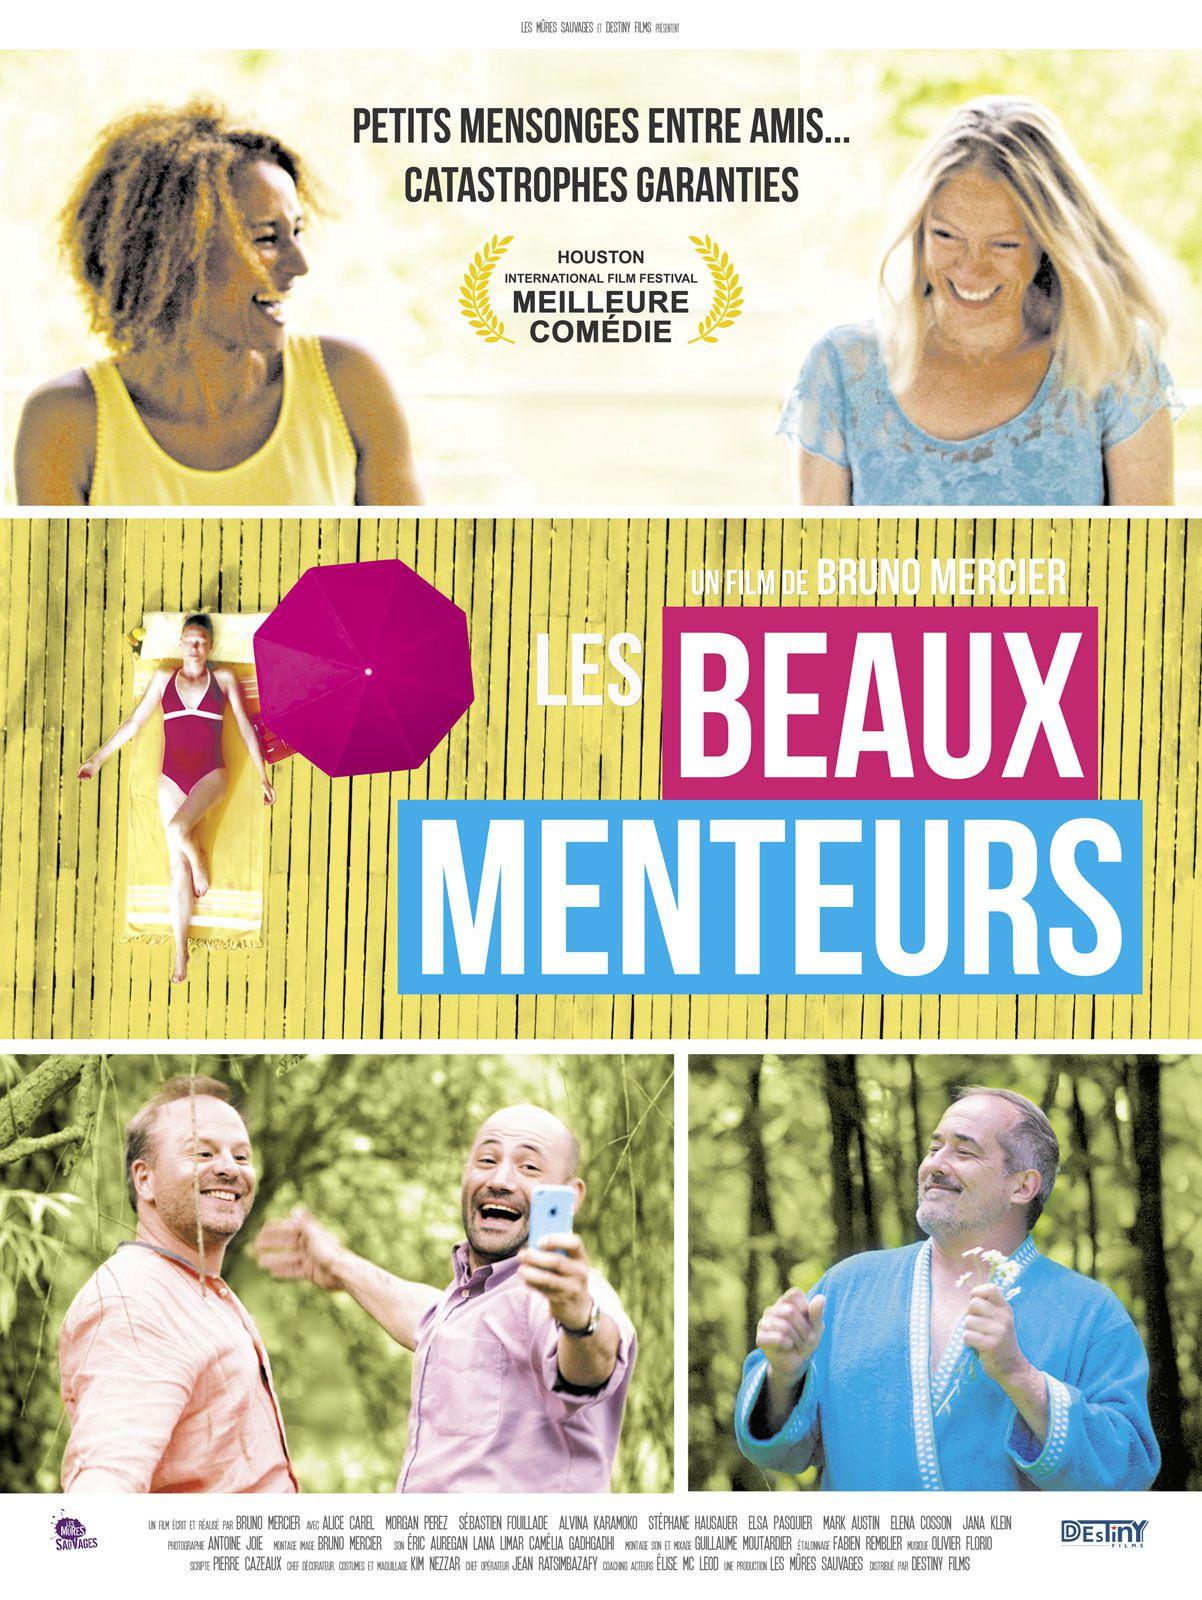 Les Beaux menteurs - Film (2019)